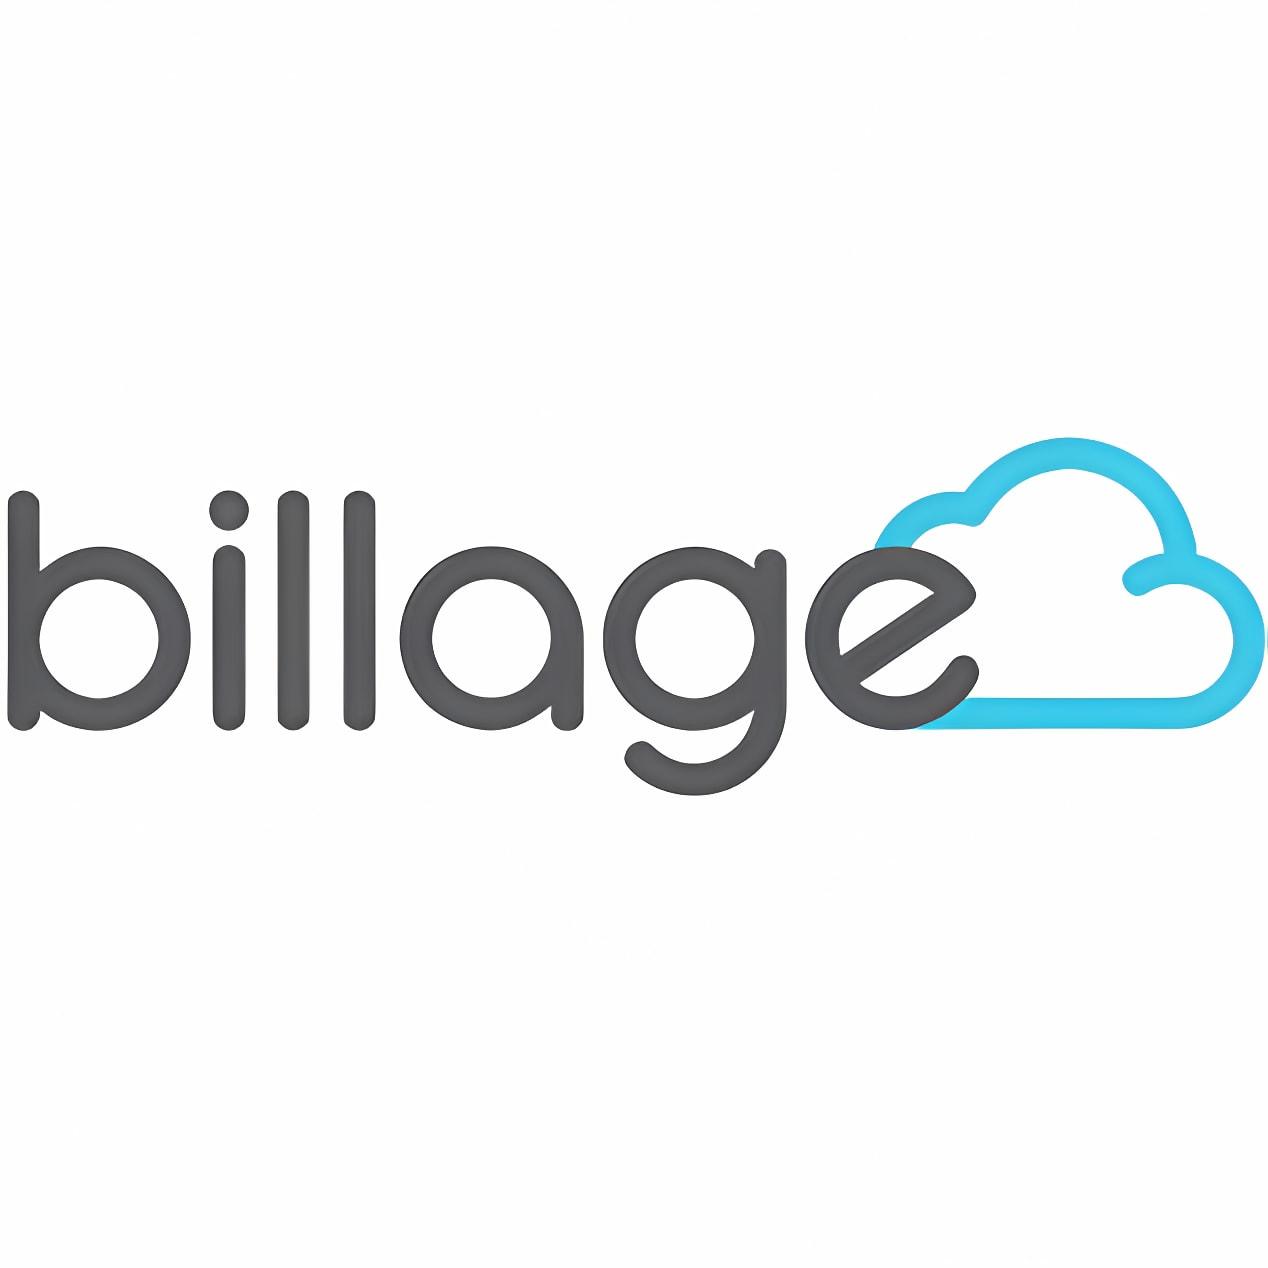 billage